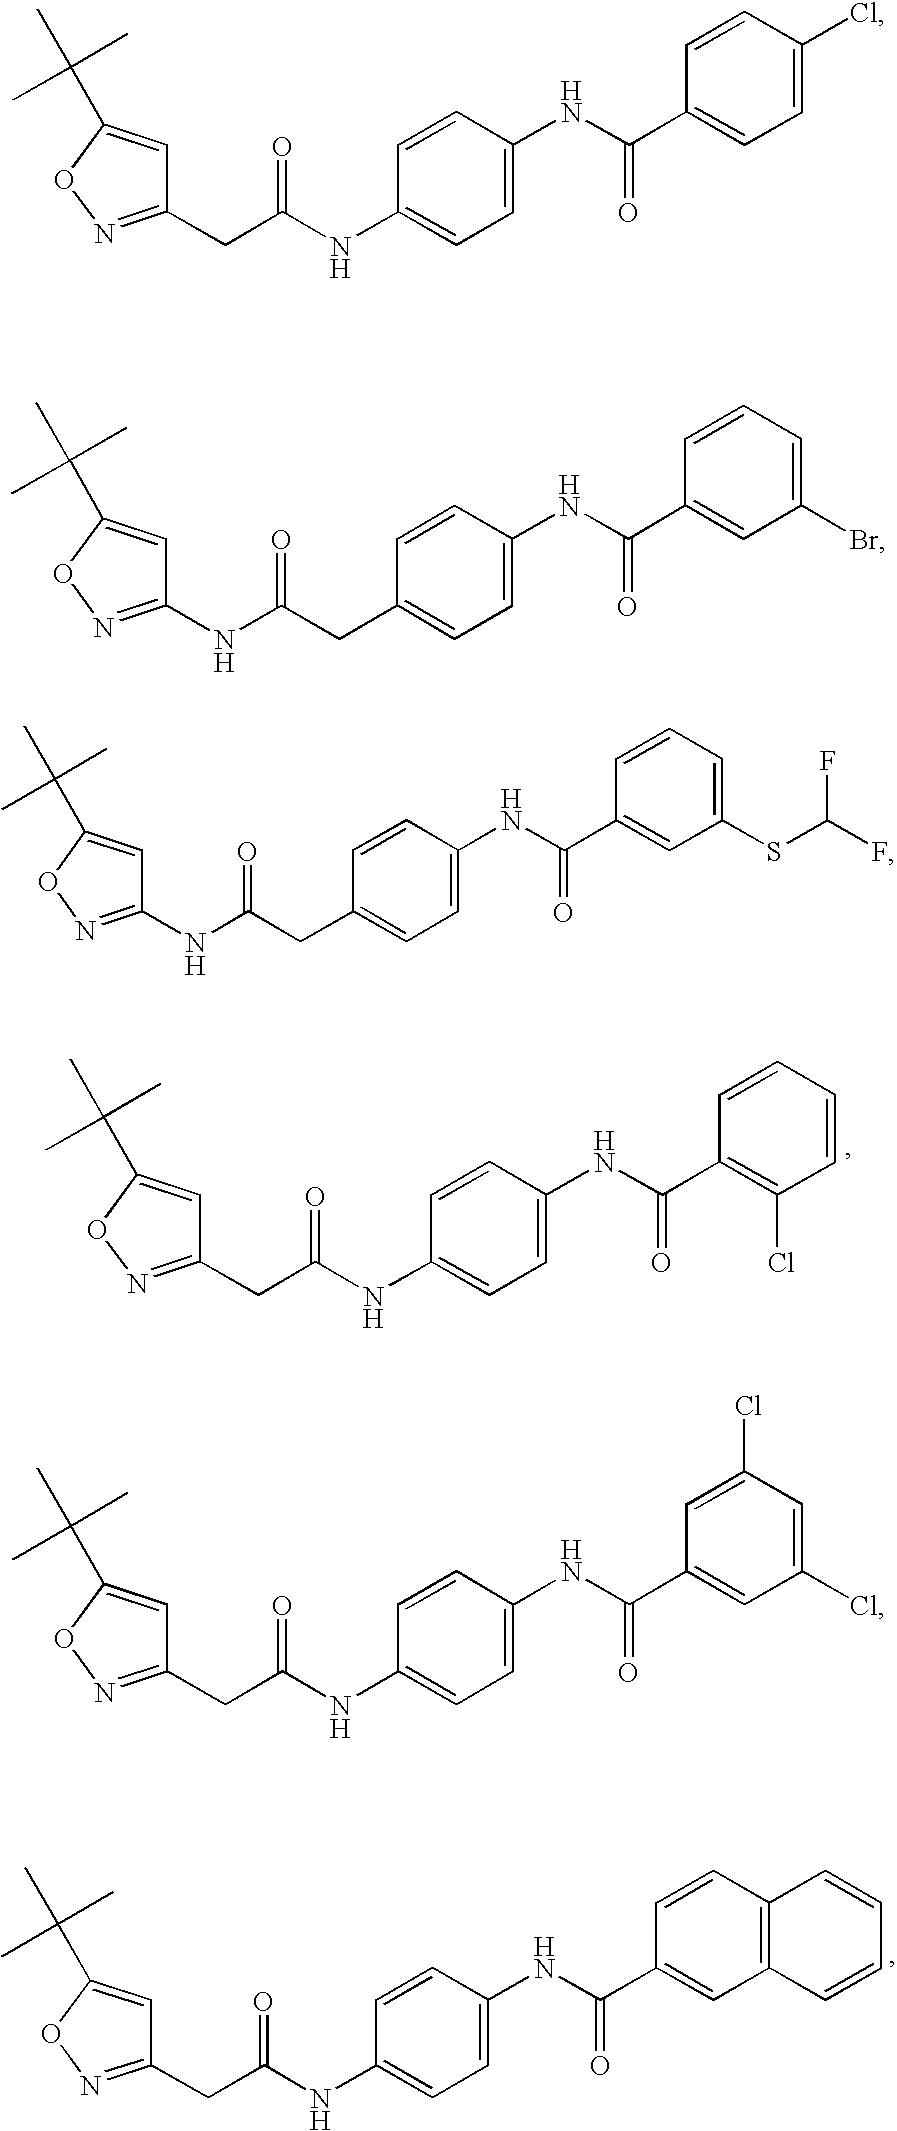 Figure US07767670-20100803-C00379